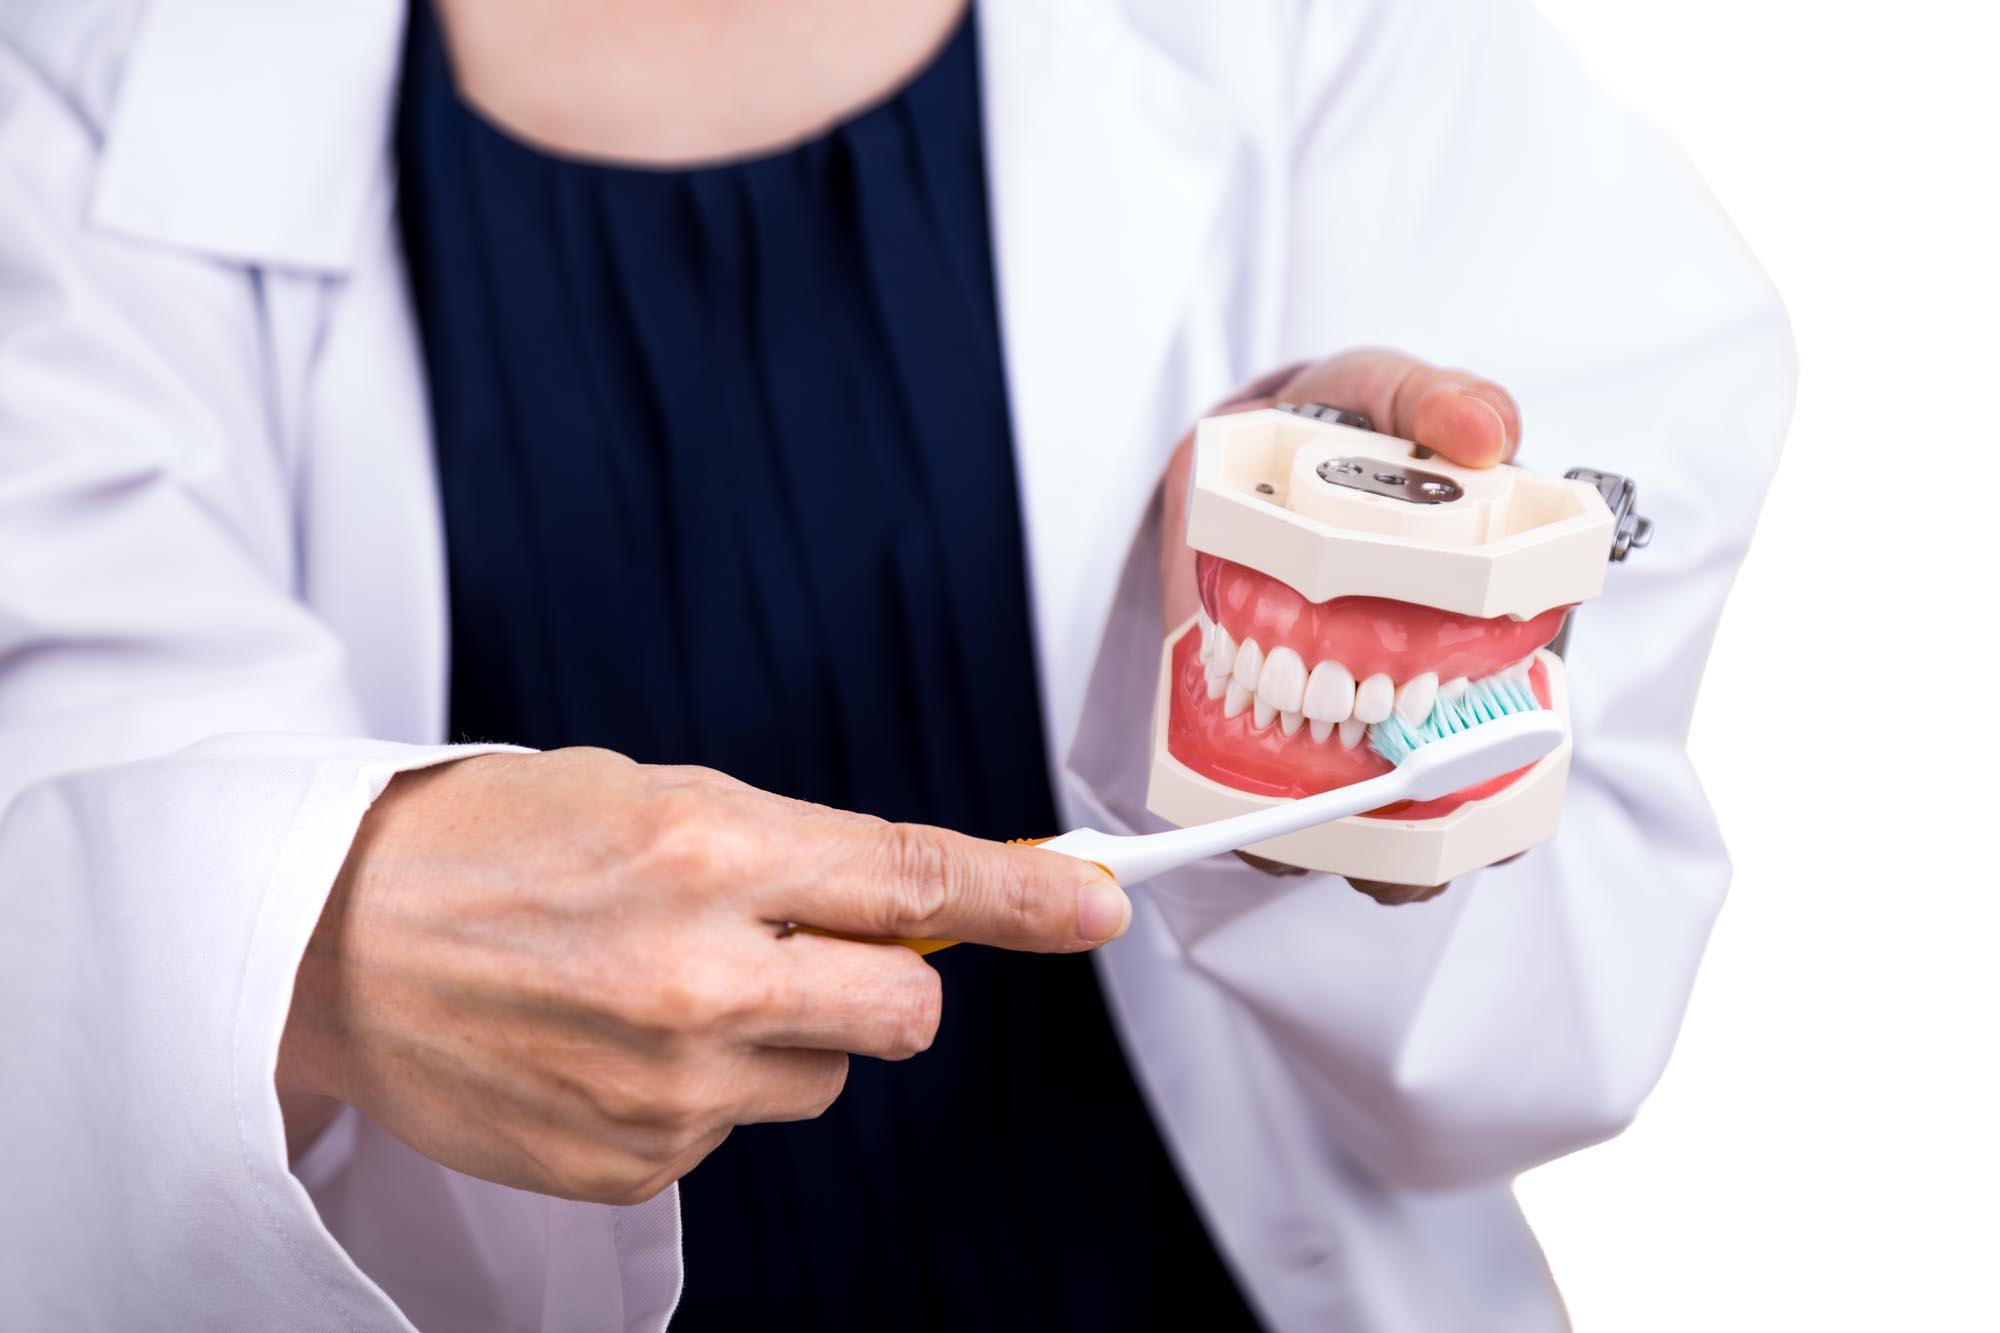 Протез с зубной щеткой